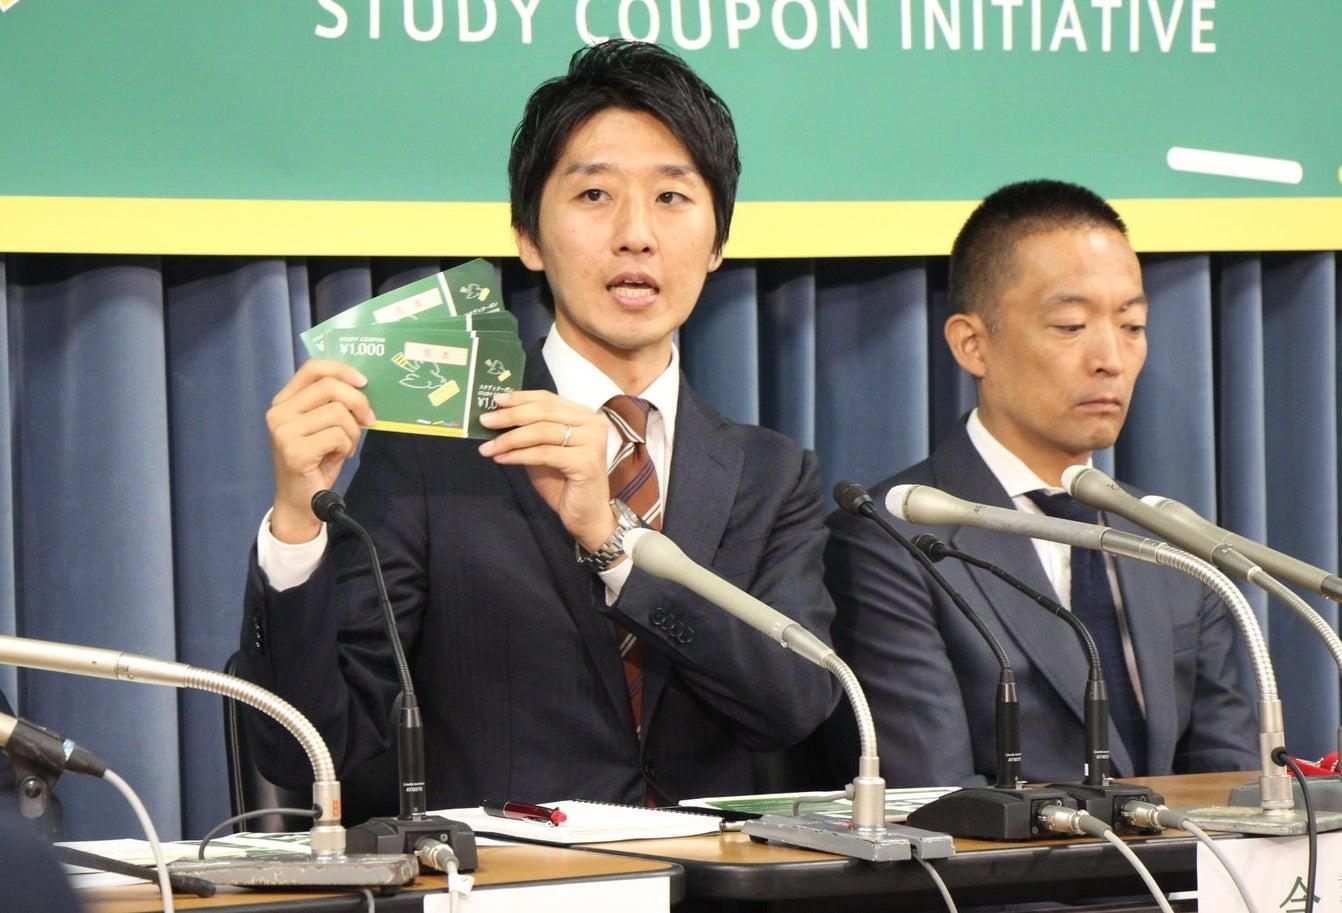 スタディクーポン・イニシアティブの代表・今井悠介さん